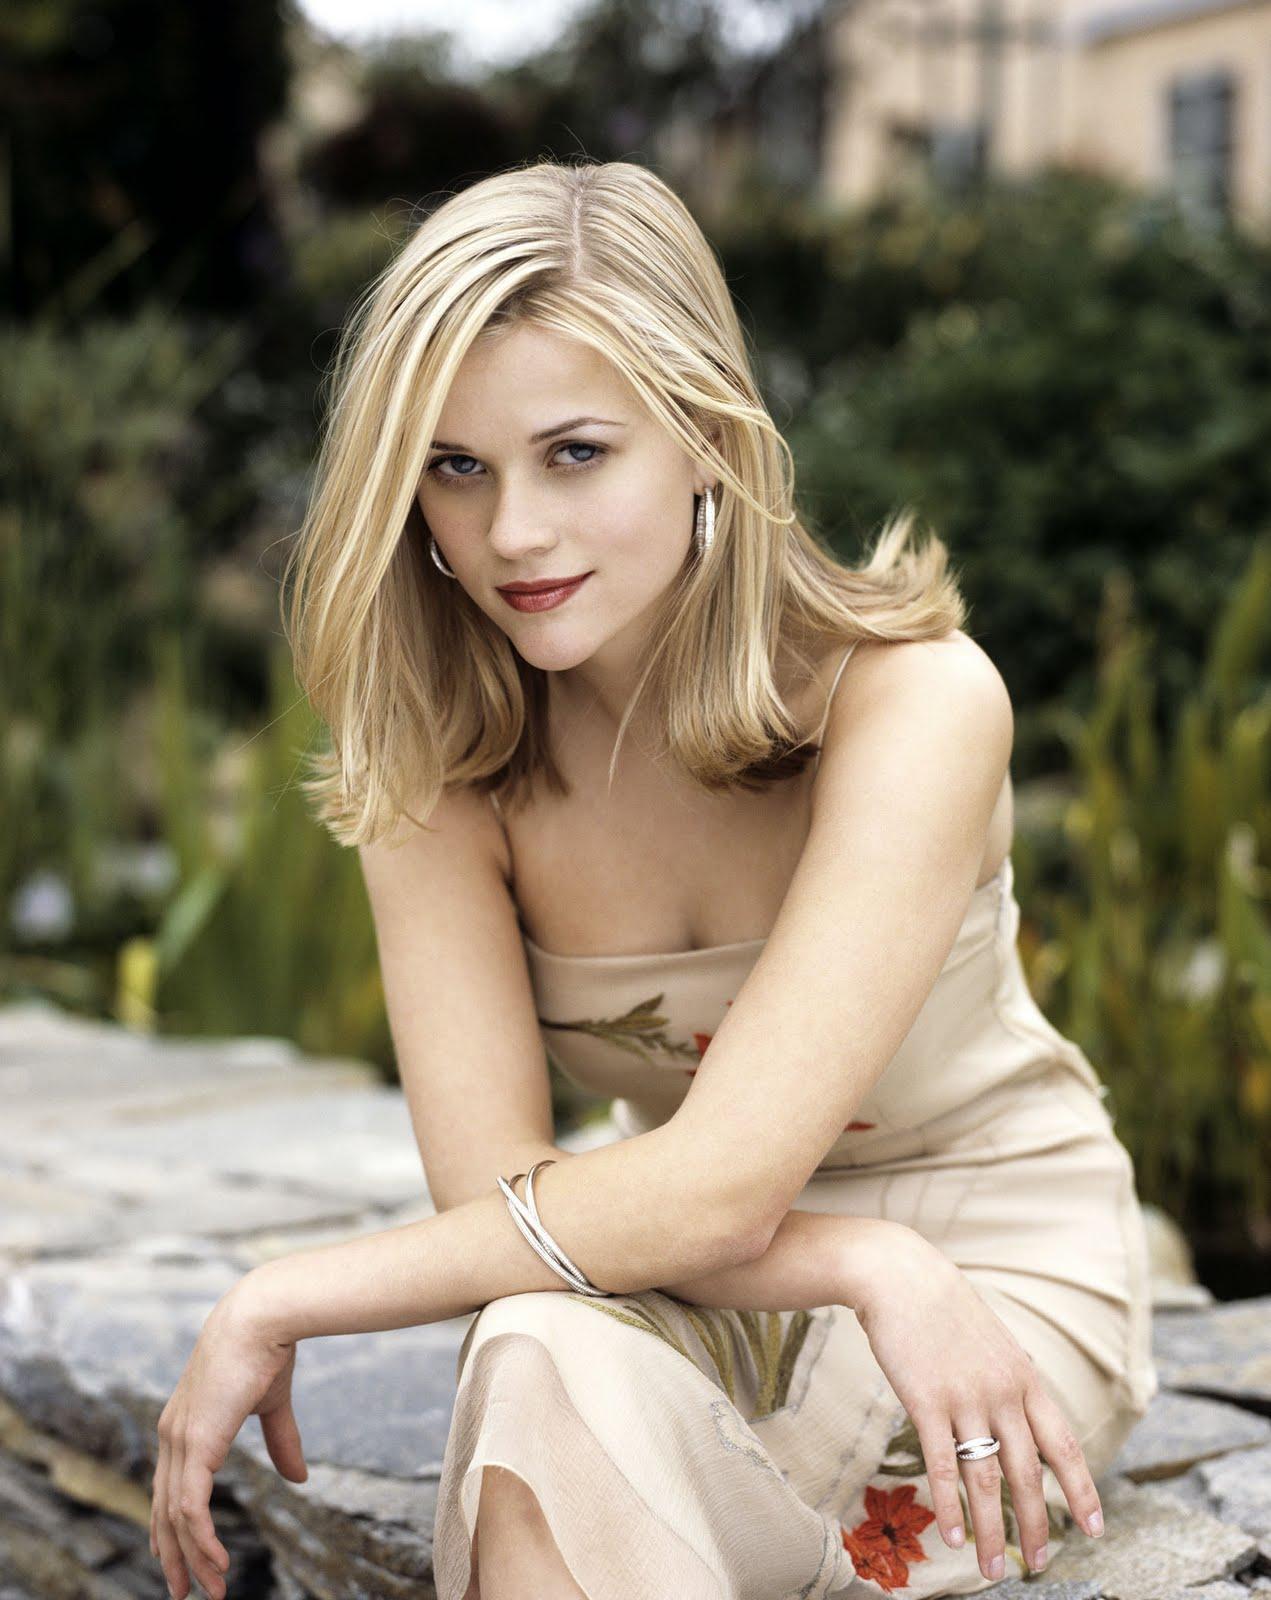 http://1.bp.blogspot.com/-WgvsGaeivyY/TjhB3sikIZI/AAAAAAAAAqE/tPW9rkVSqcI/s1600/Reese-Witherspoon-HQ-actresses-8251790-1674-2108.jpg